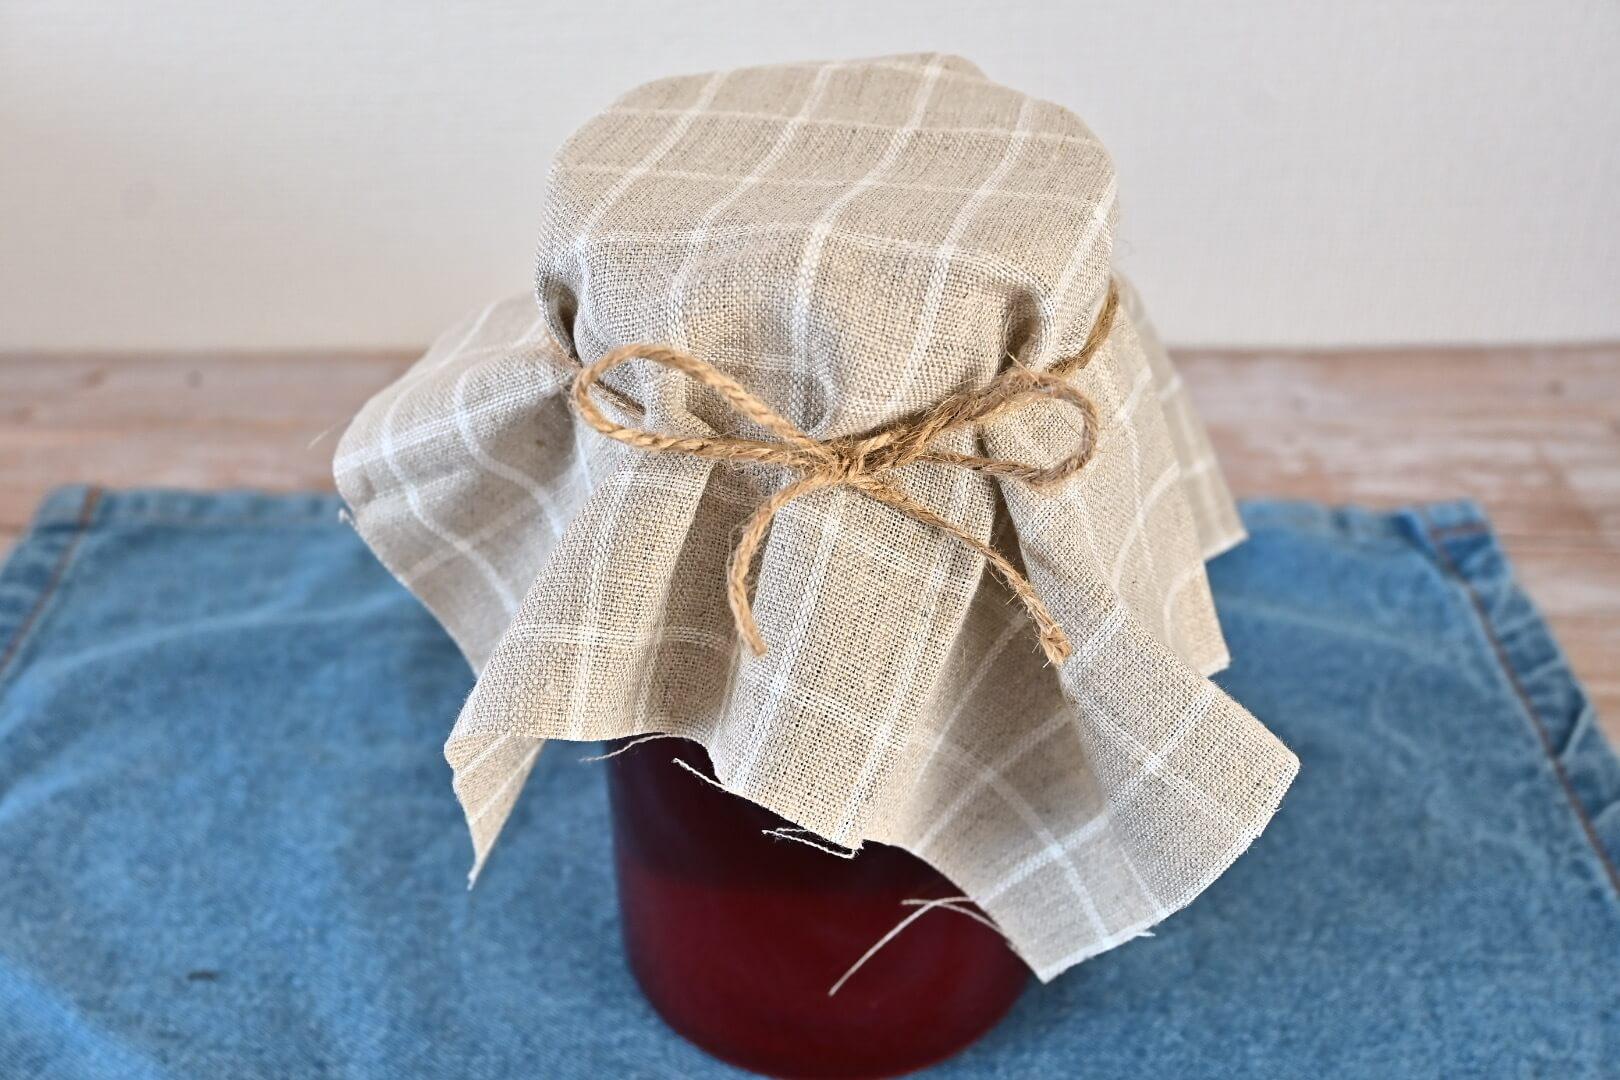 紅茶と種菌を入れた瓶に布を被せた様子